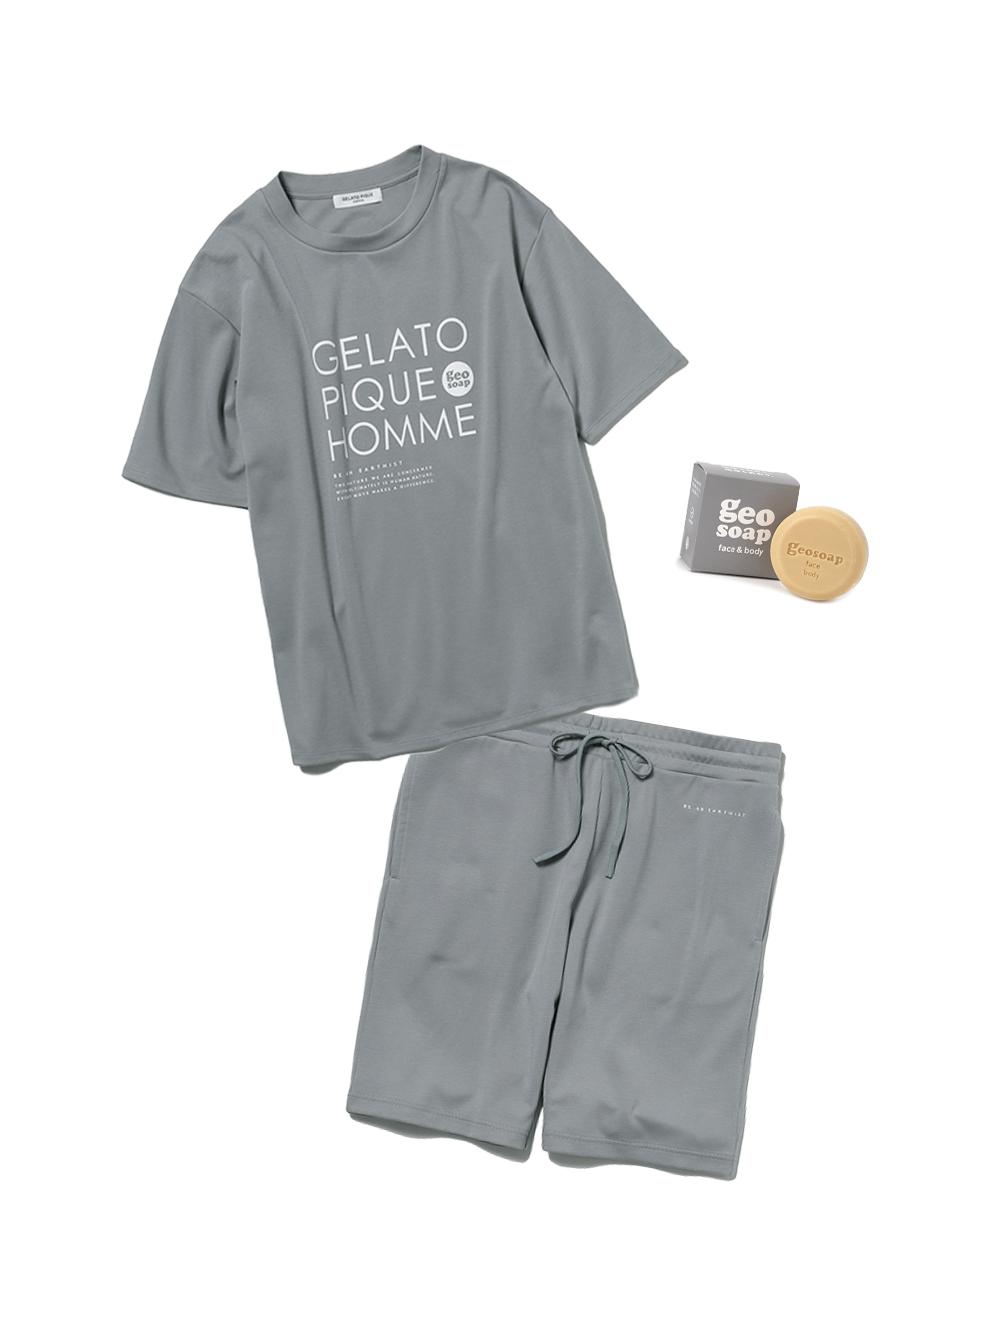 【ラッピング】【HOMME】【geo soap】ワンポイントTシャツ&ハーフパンツSET(GRY-M)